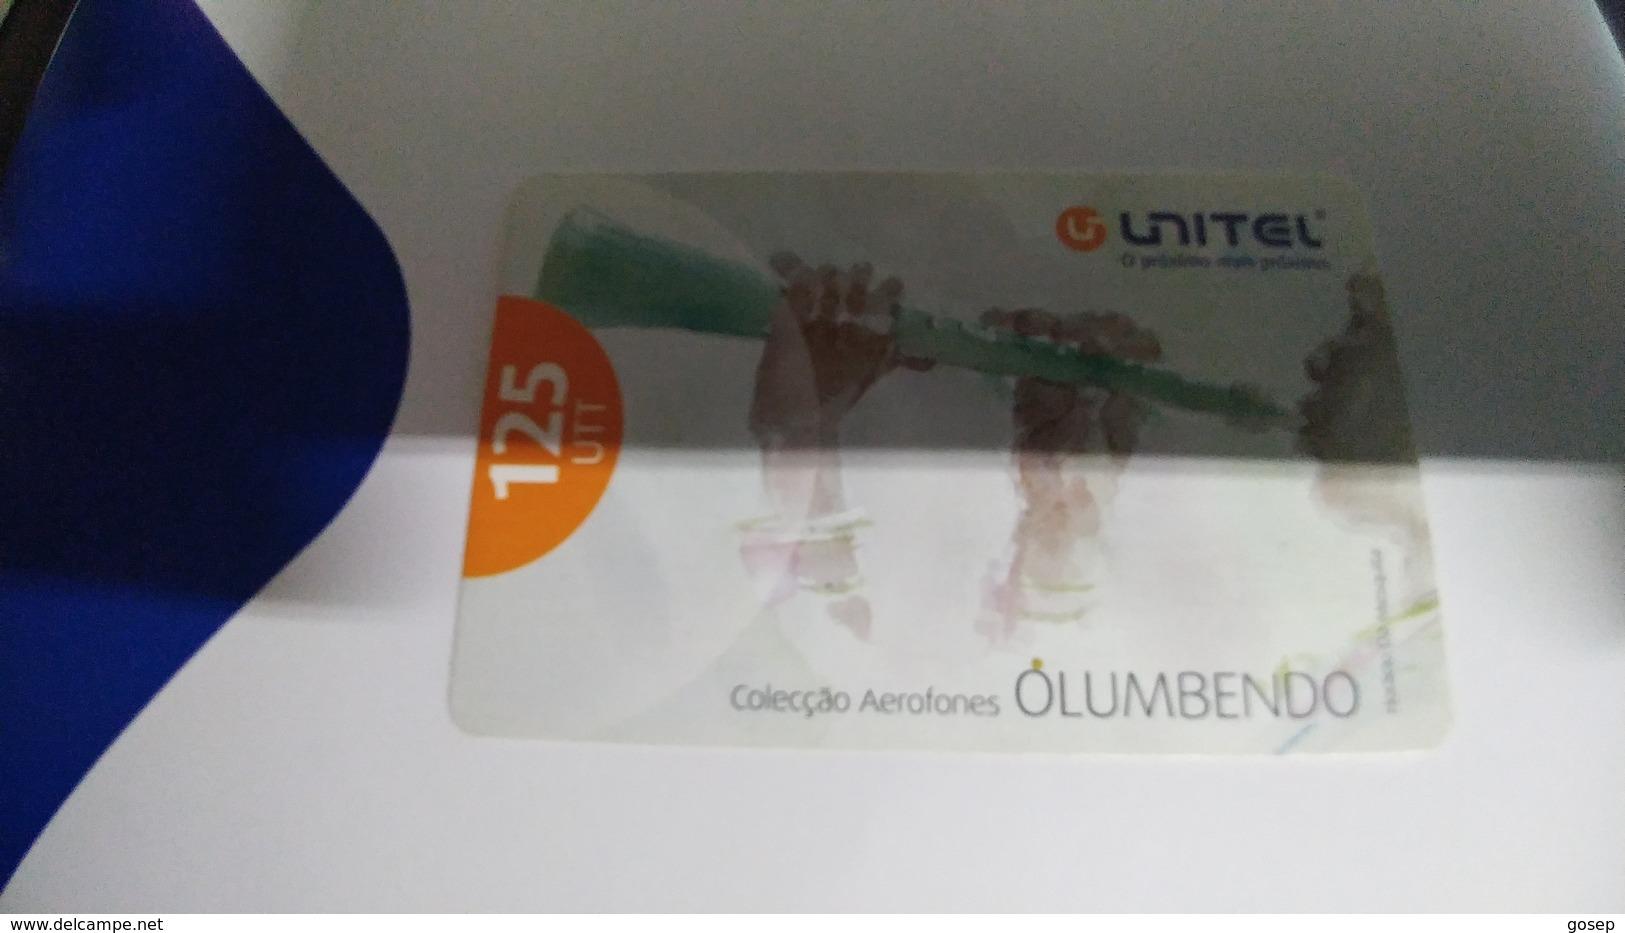 Angola-olumbendo-(21)-(125utt)-31.12.2007-used+1card Prepiad Free - Angola